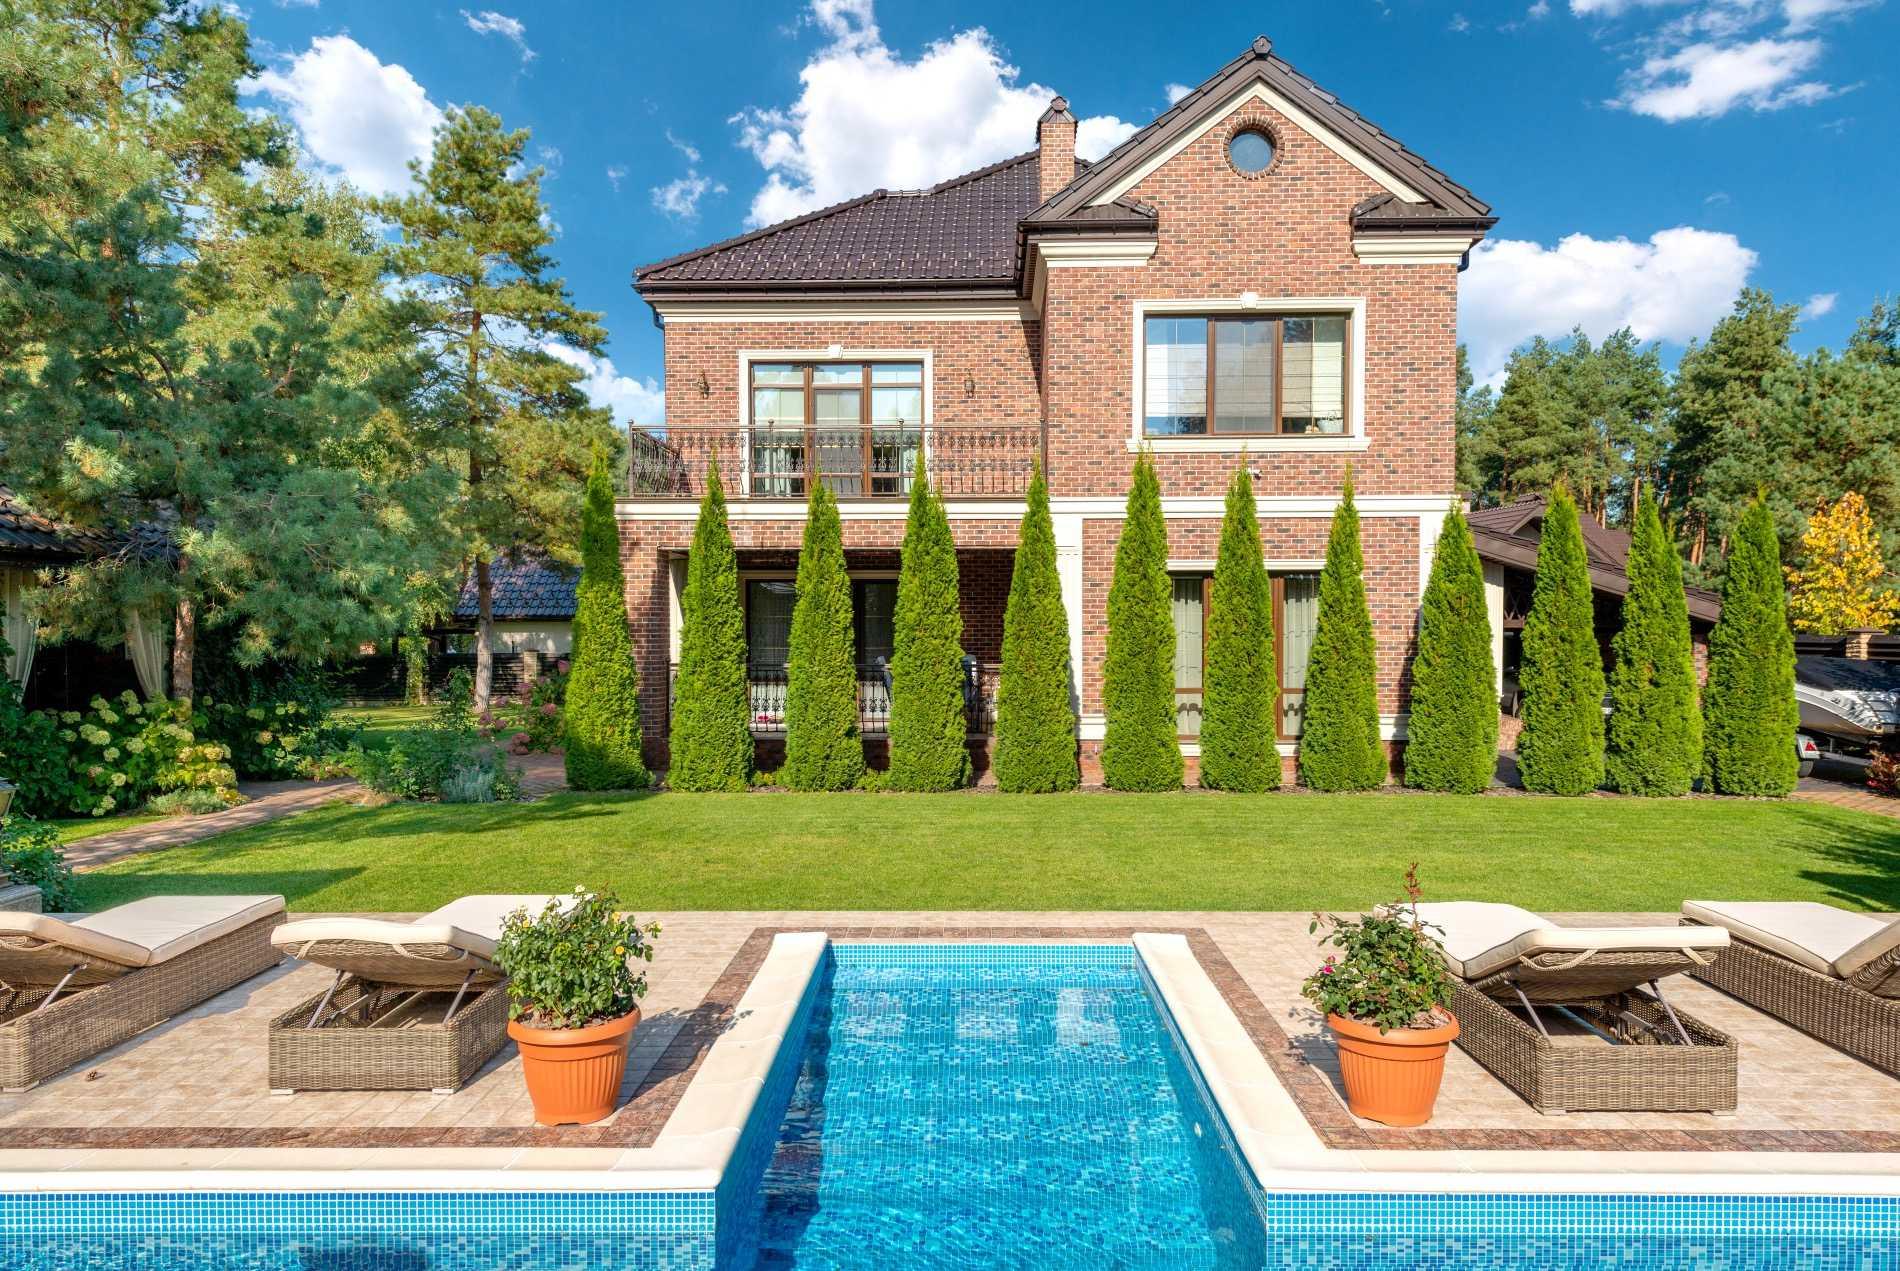 luksuzne nekretnine slika bazena i luksuzne parcele